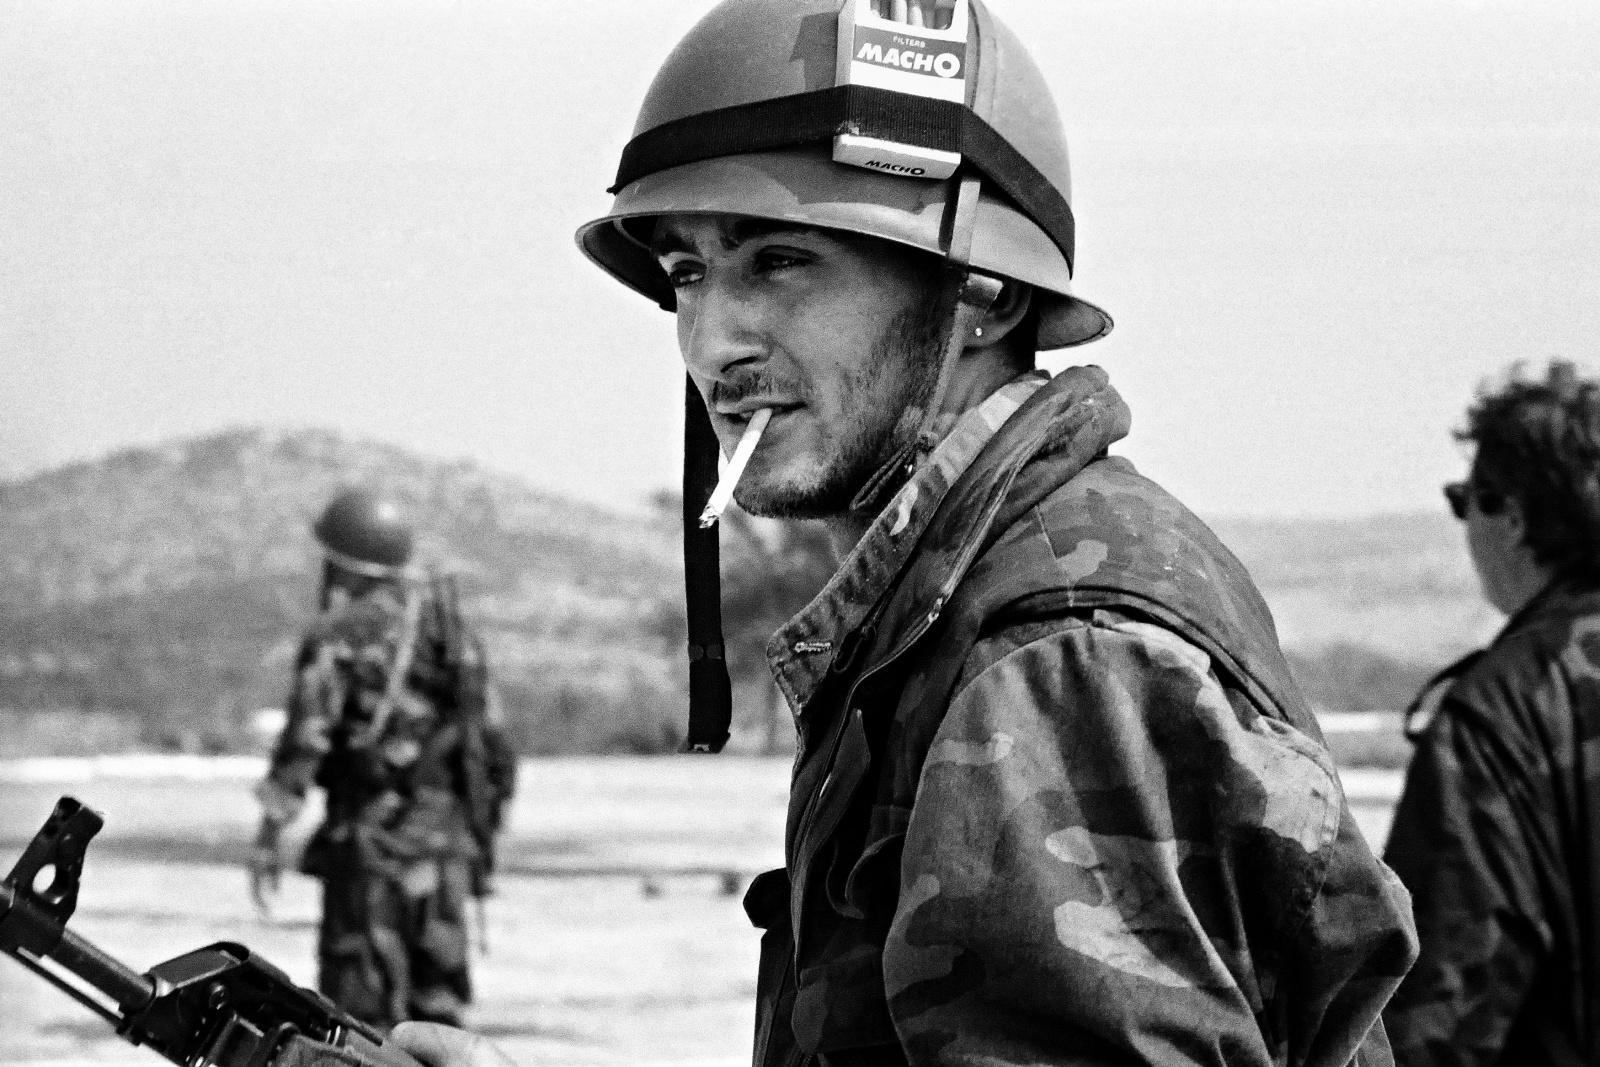 Croazia, Dalmazia 1991 - Militare volontario croato dopo la battaglia per la presa del ponte di Sebenico